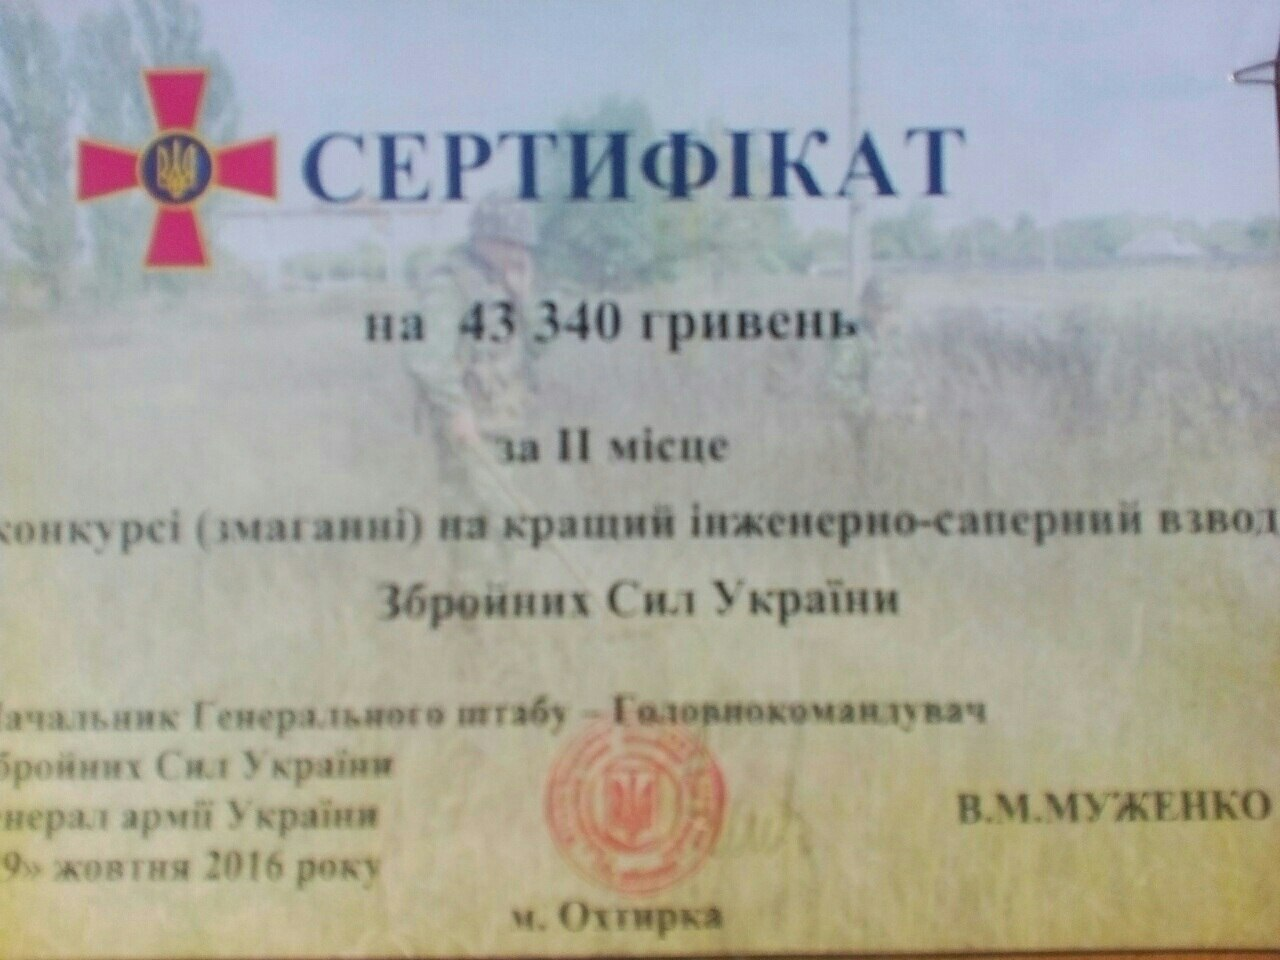 Кам'янчани стали другими серед інженерно-саперних взводів ЗСУ - фото 1